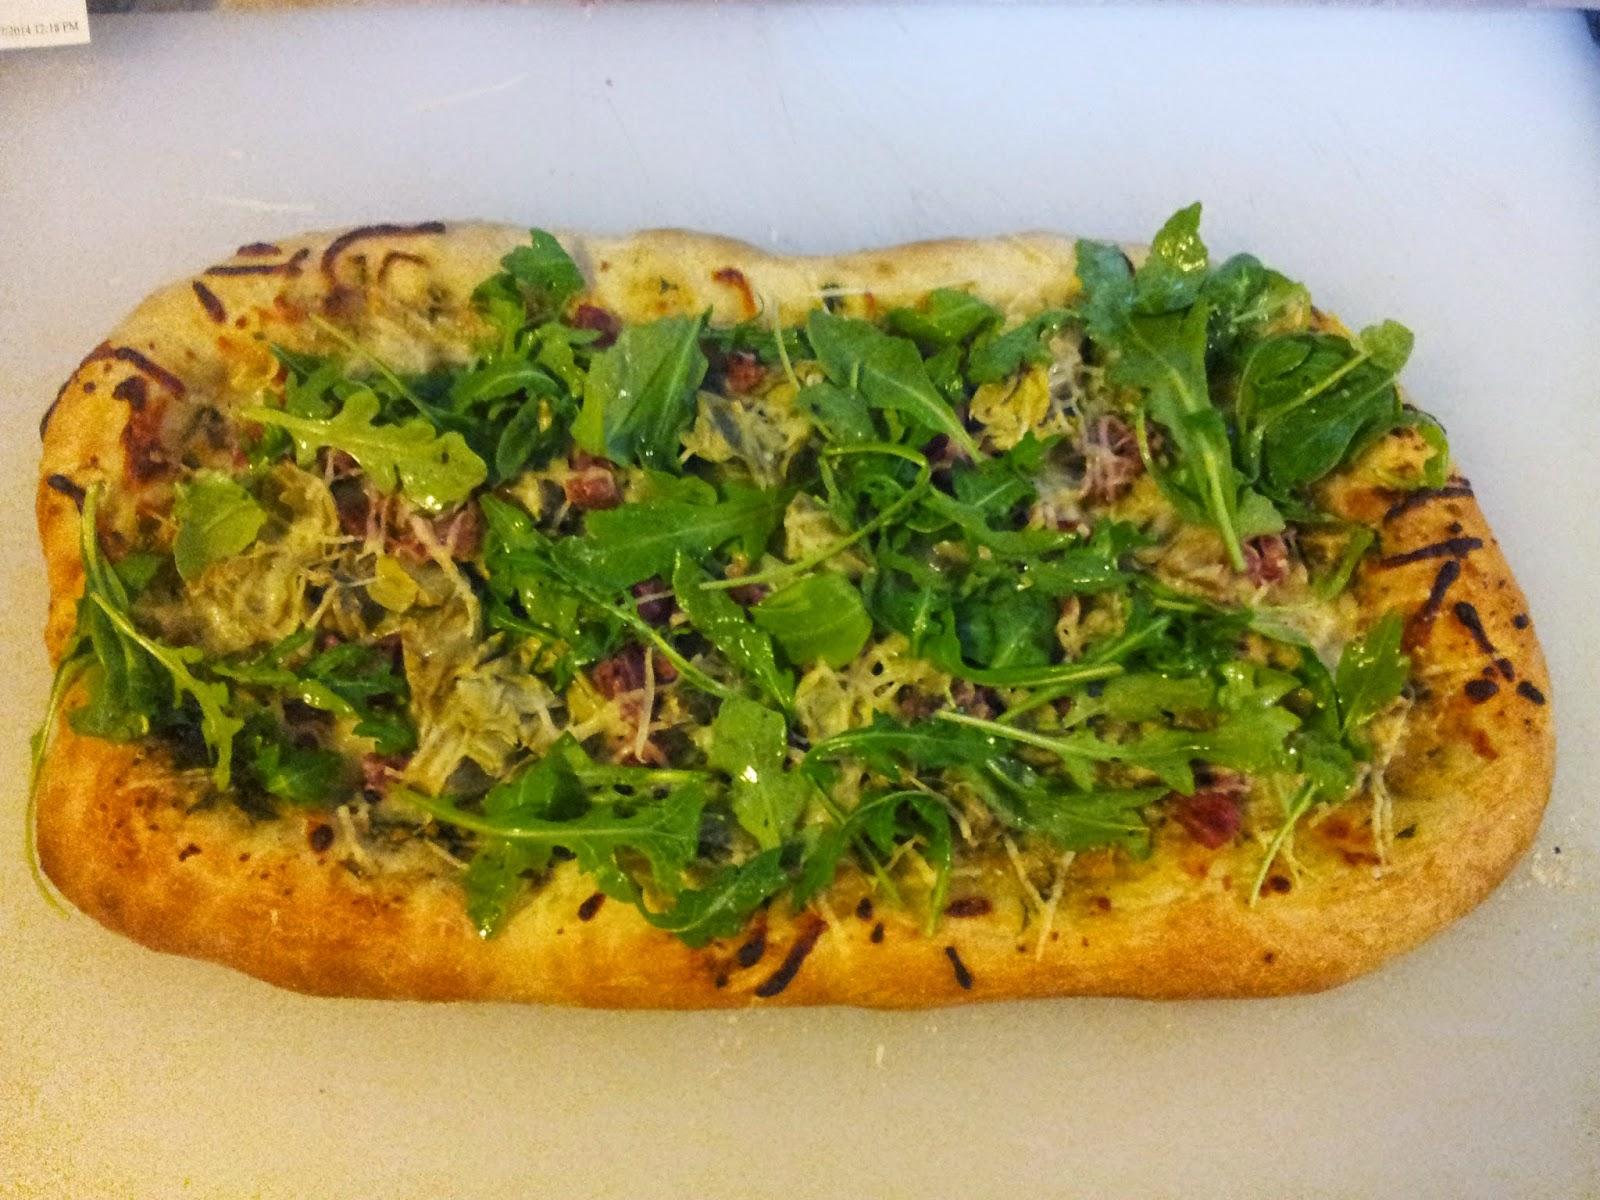 artichoke, arugula, and prosciutto pizza at home - the basics